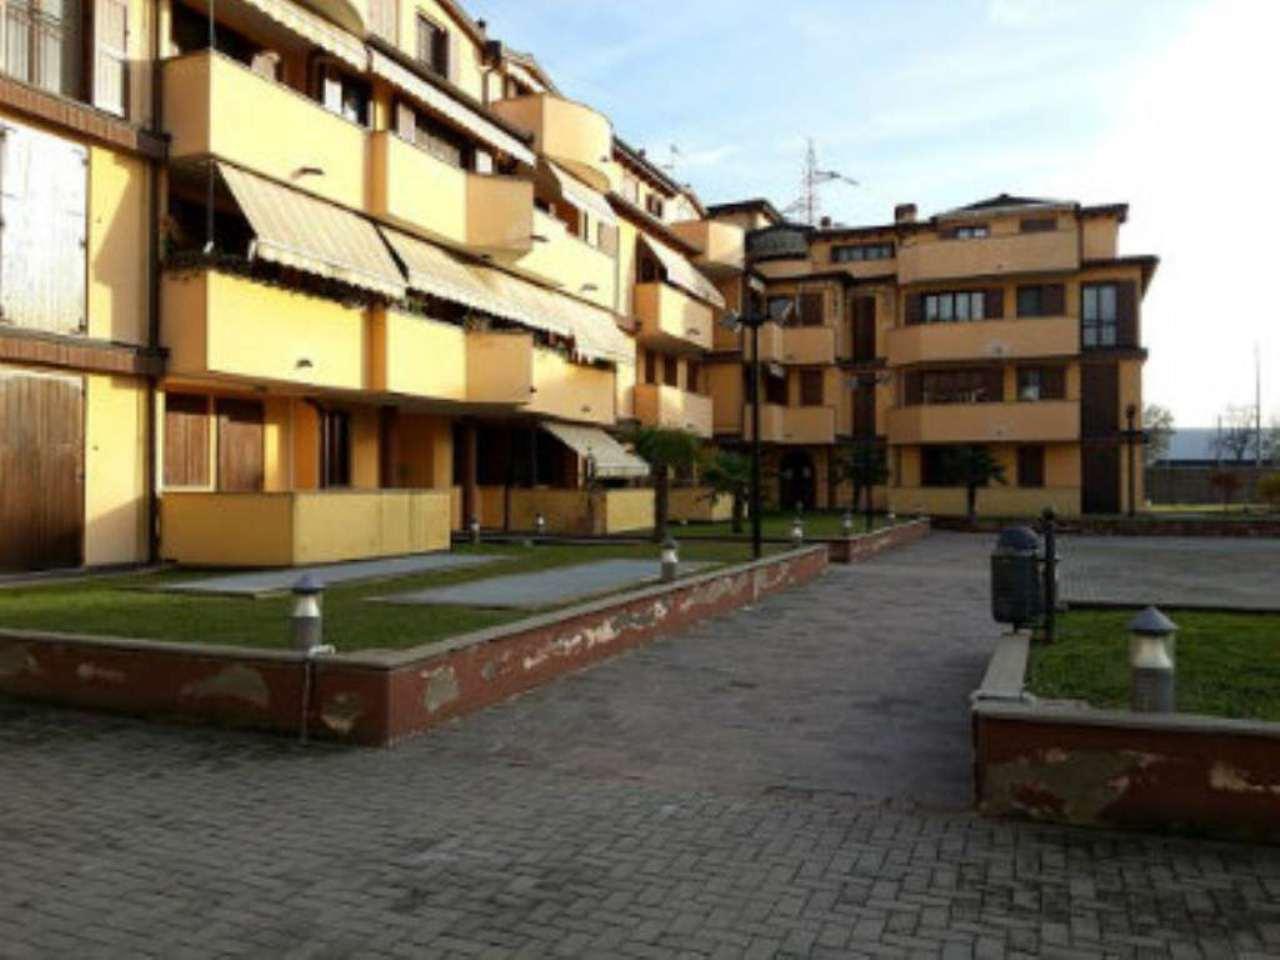 Appartamento in vendita a Cologno Monzese, 3 locali, prezzo € 175.000 | Cambiocasa.it